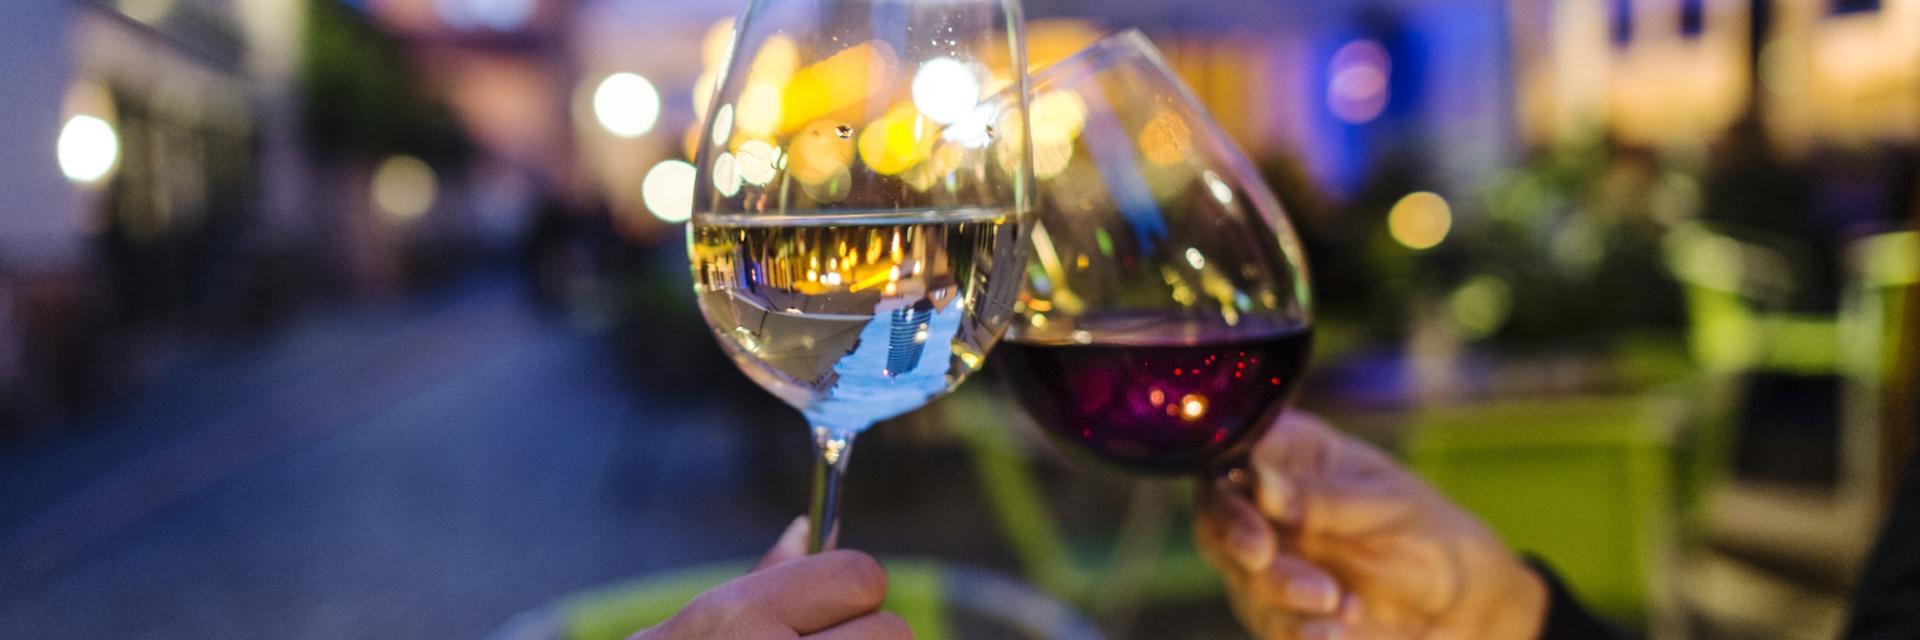 Zwei Weingläser mit Wagnergasse im Hintergrund